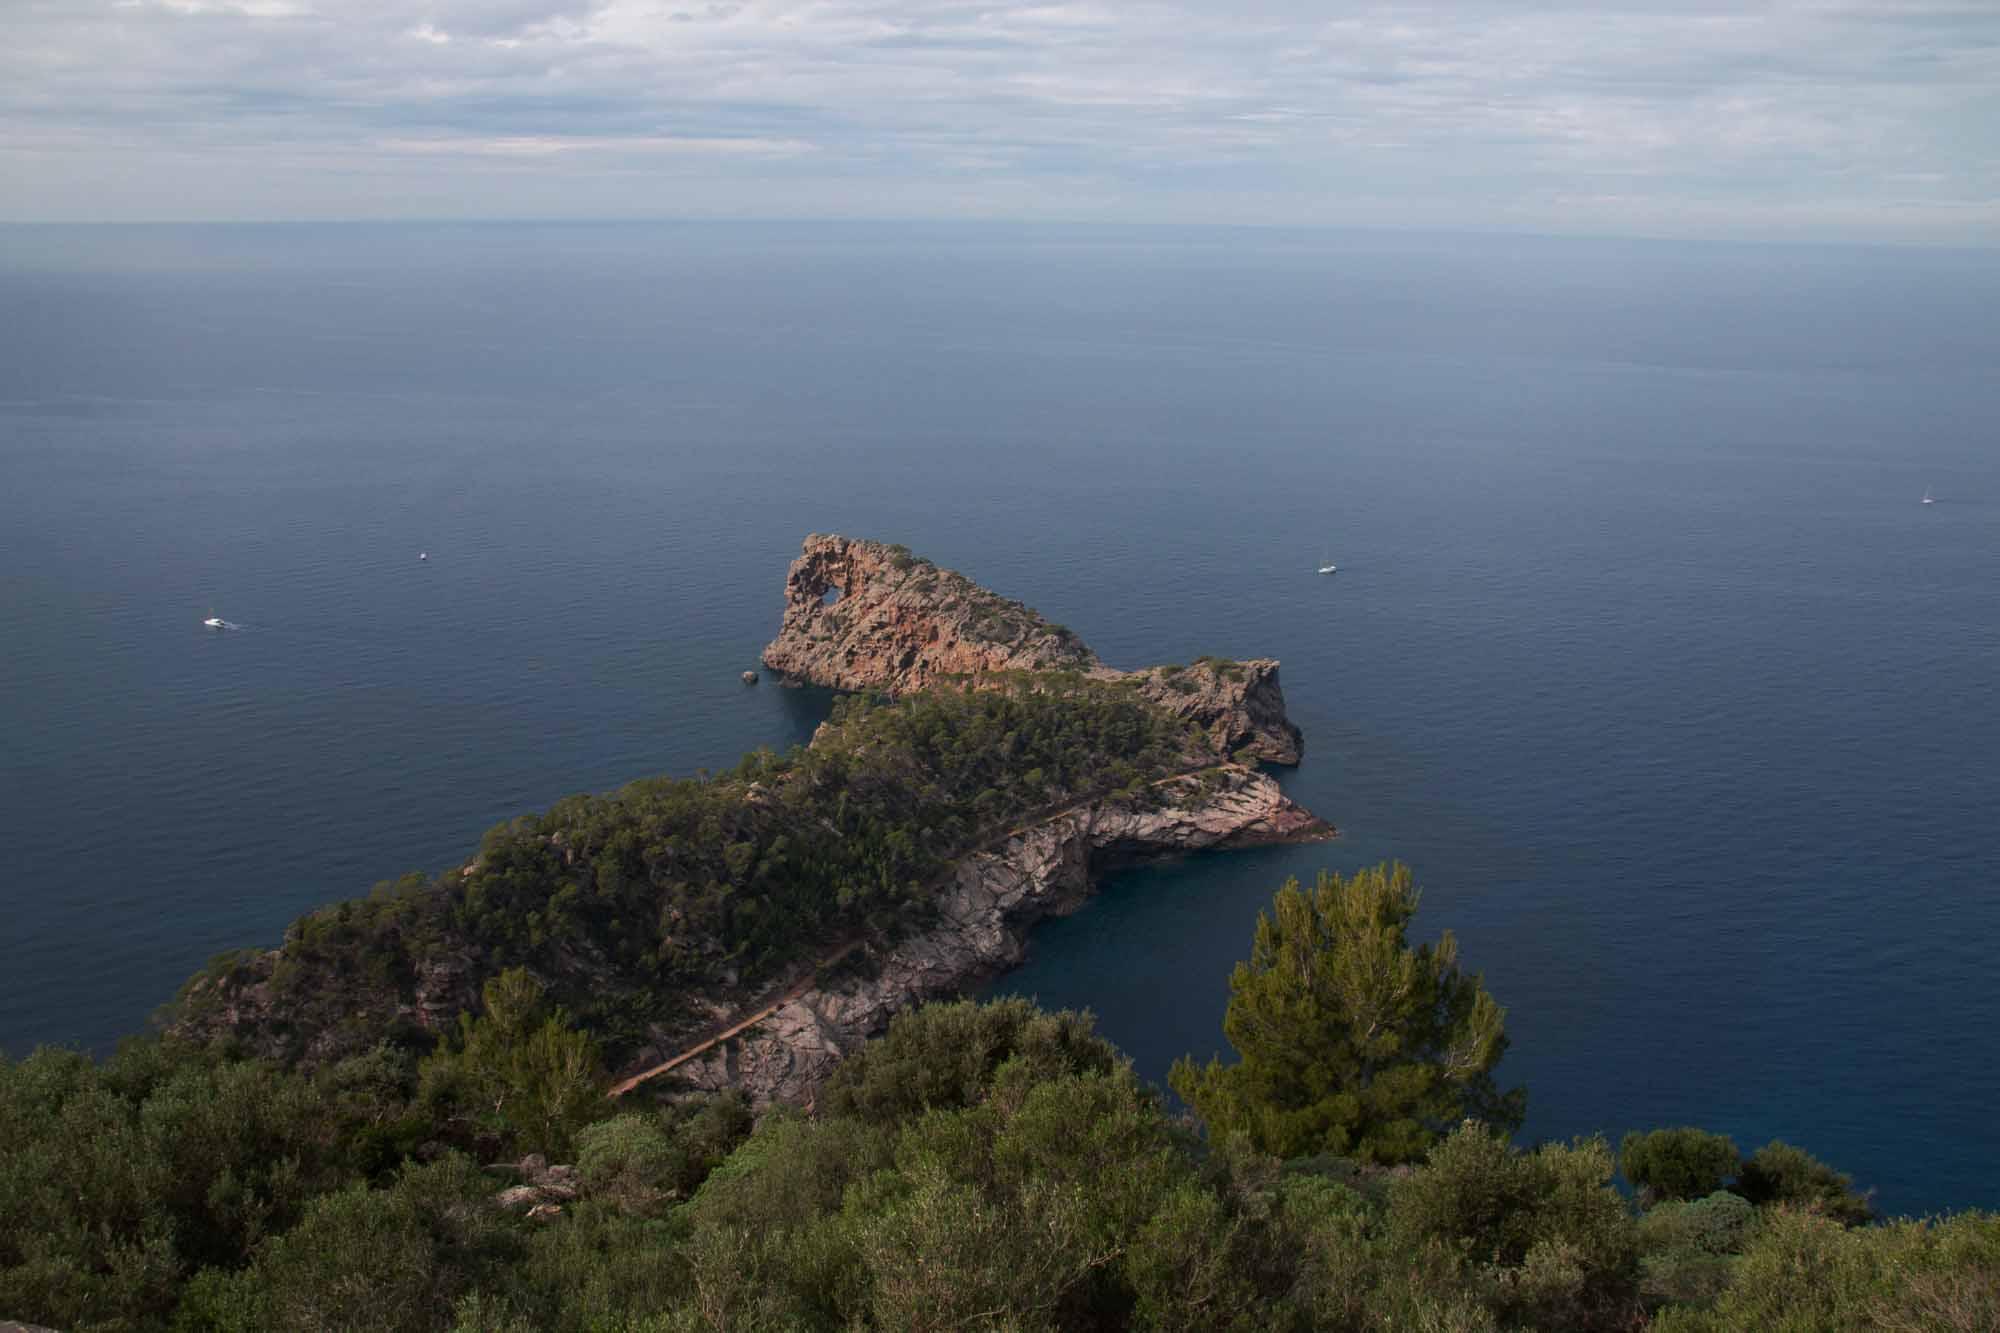 Sa Foradada: Die berühmte Halbinsel mit dem Loch im Felsen und dem gleichnamigen Restaurant. Im Bild nicht zu sehen / Foto: Ingo Paszkowsky